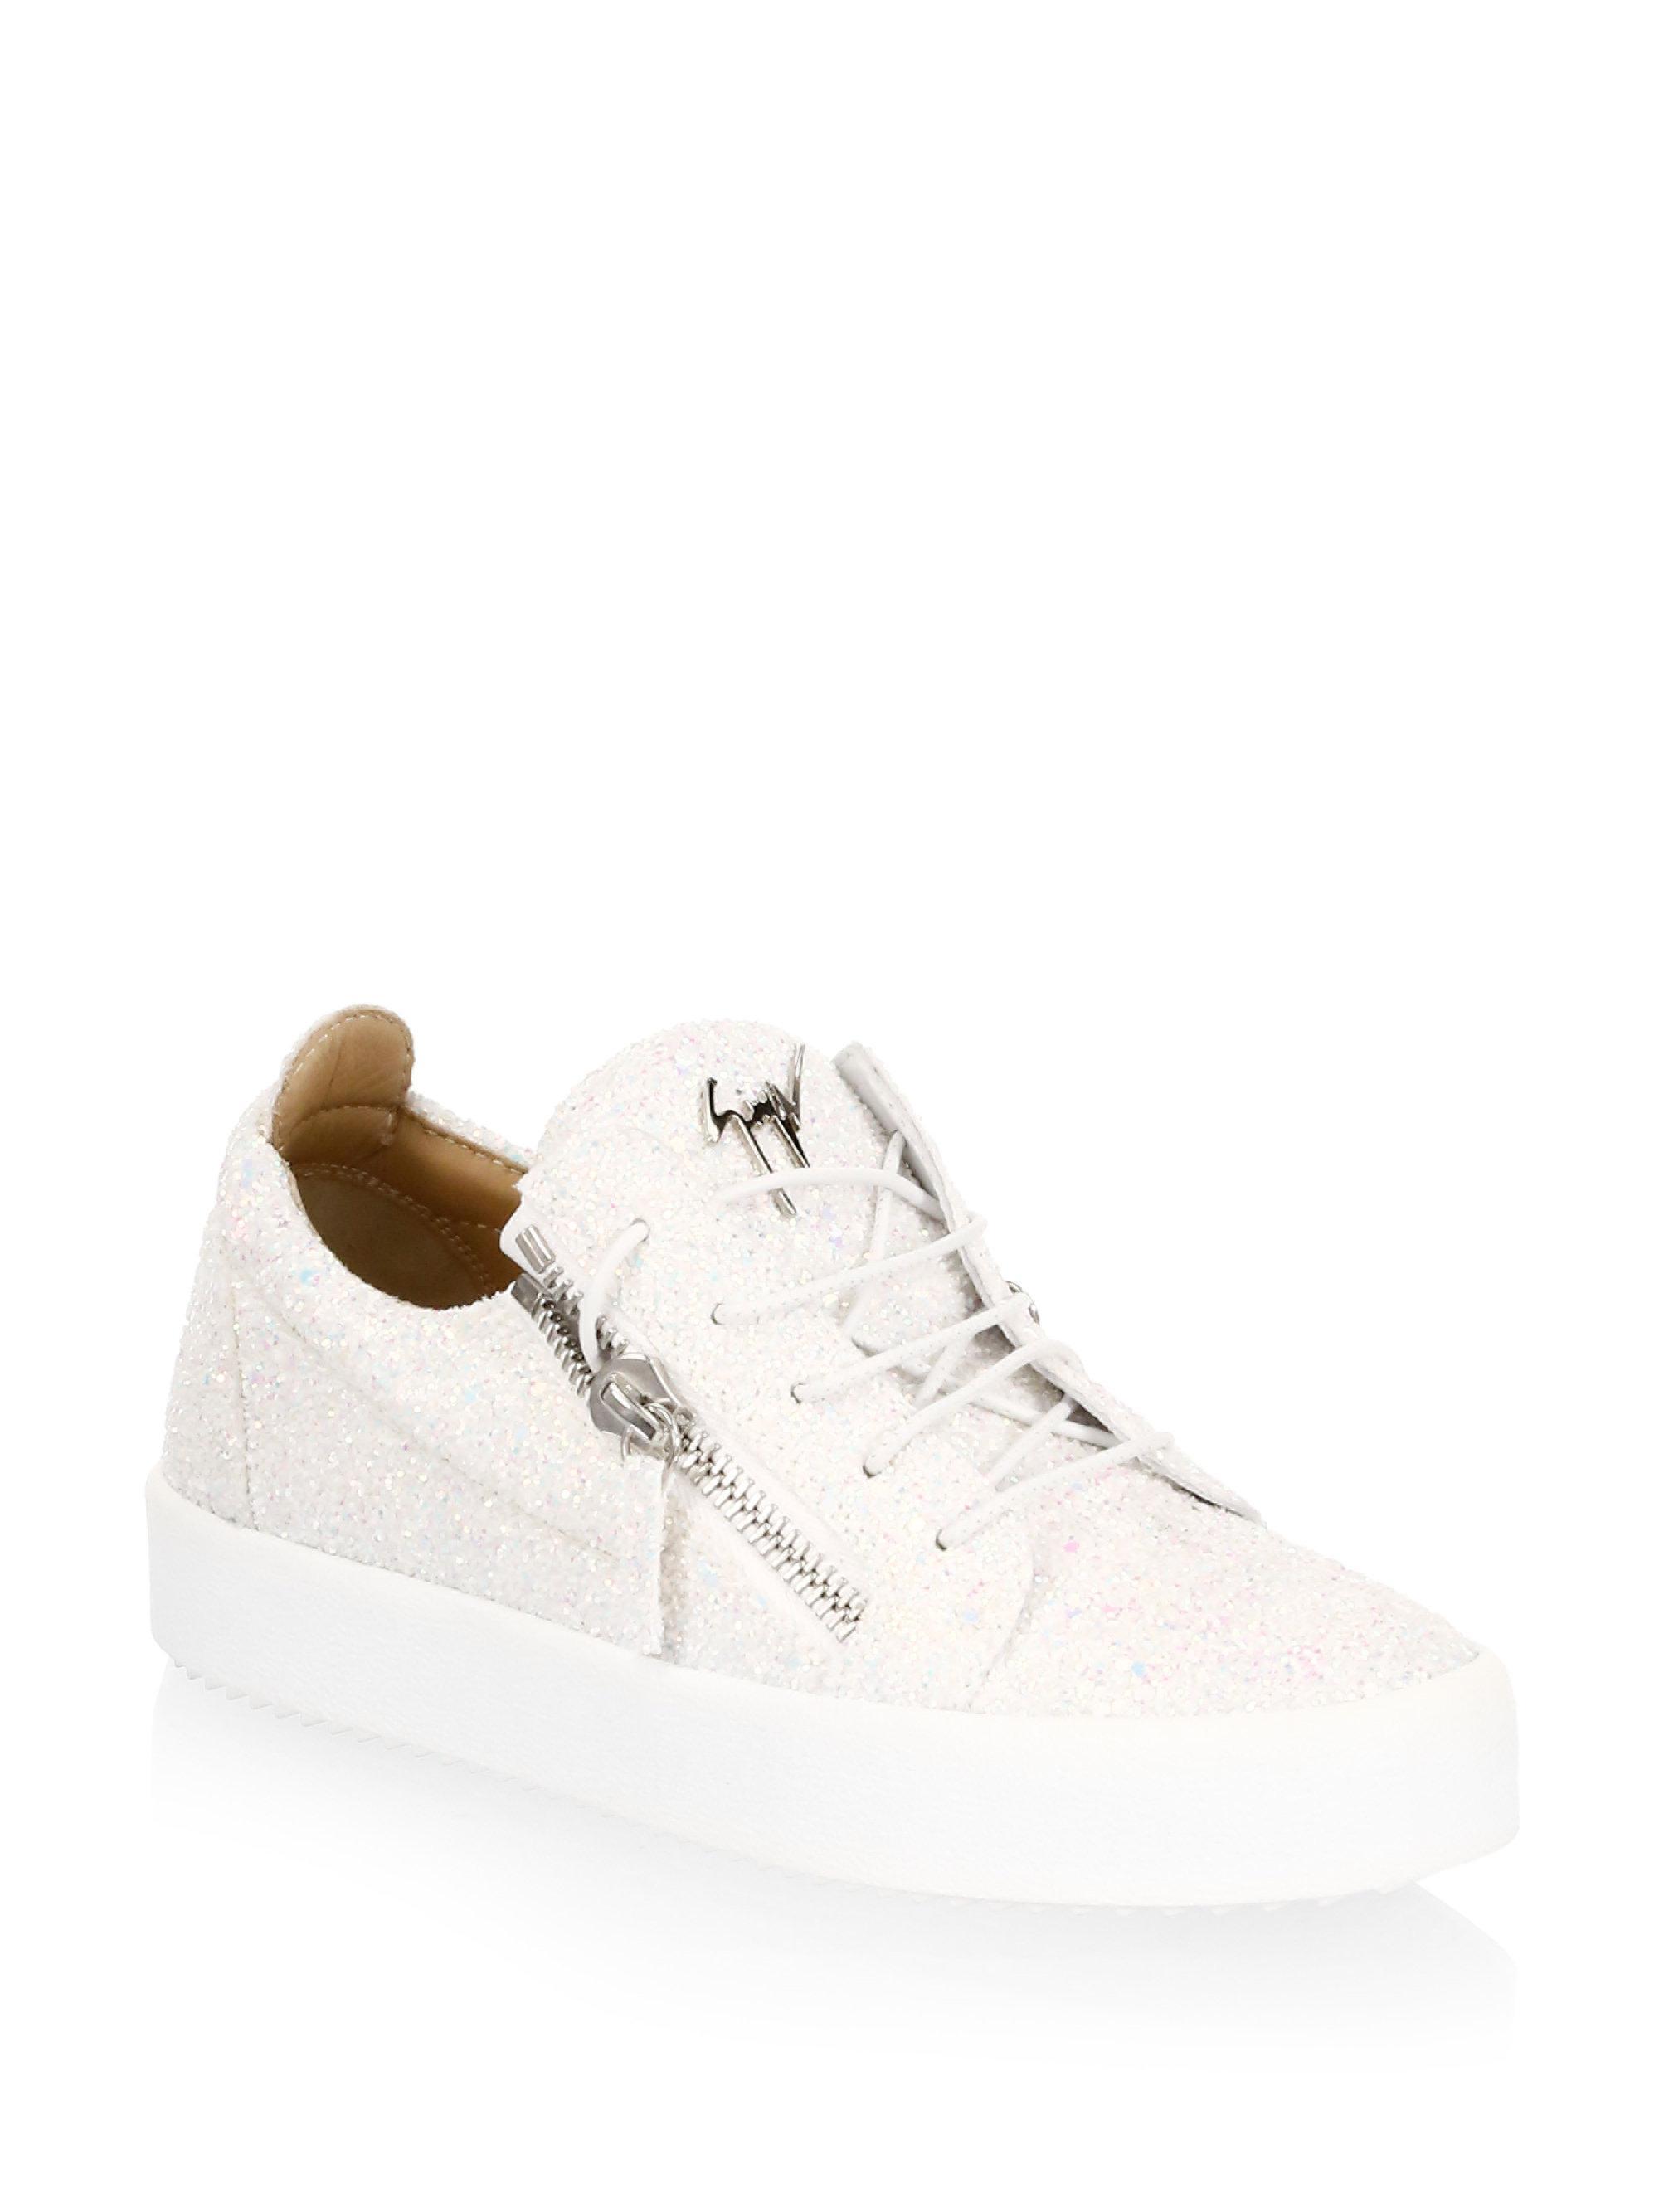 Giuseppe Zanotti May London Leather Fashion Sneakers HDZI7E1Wi